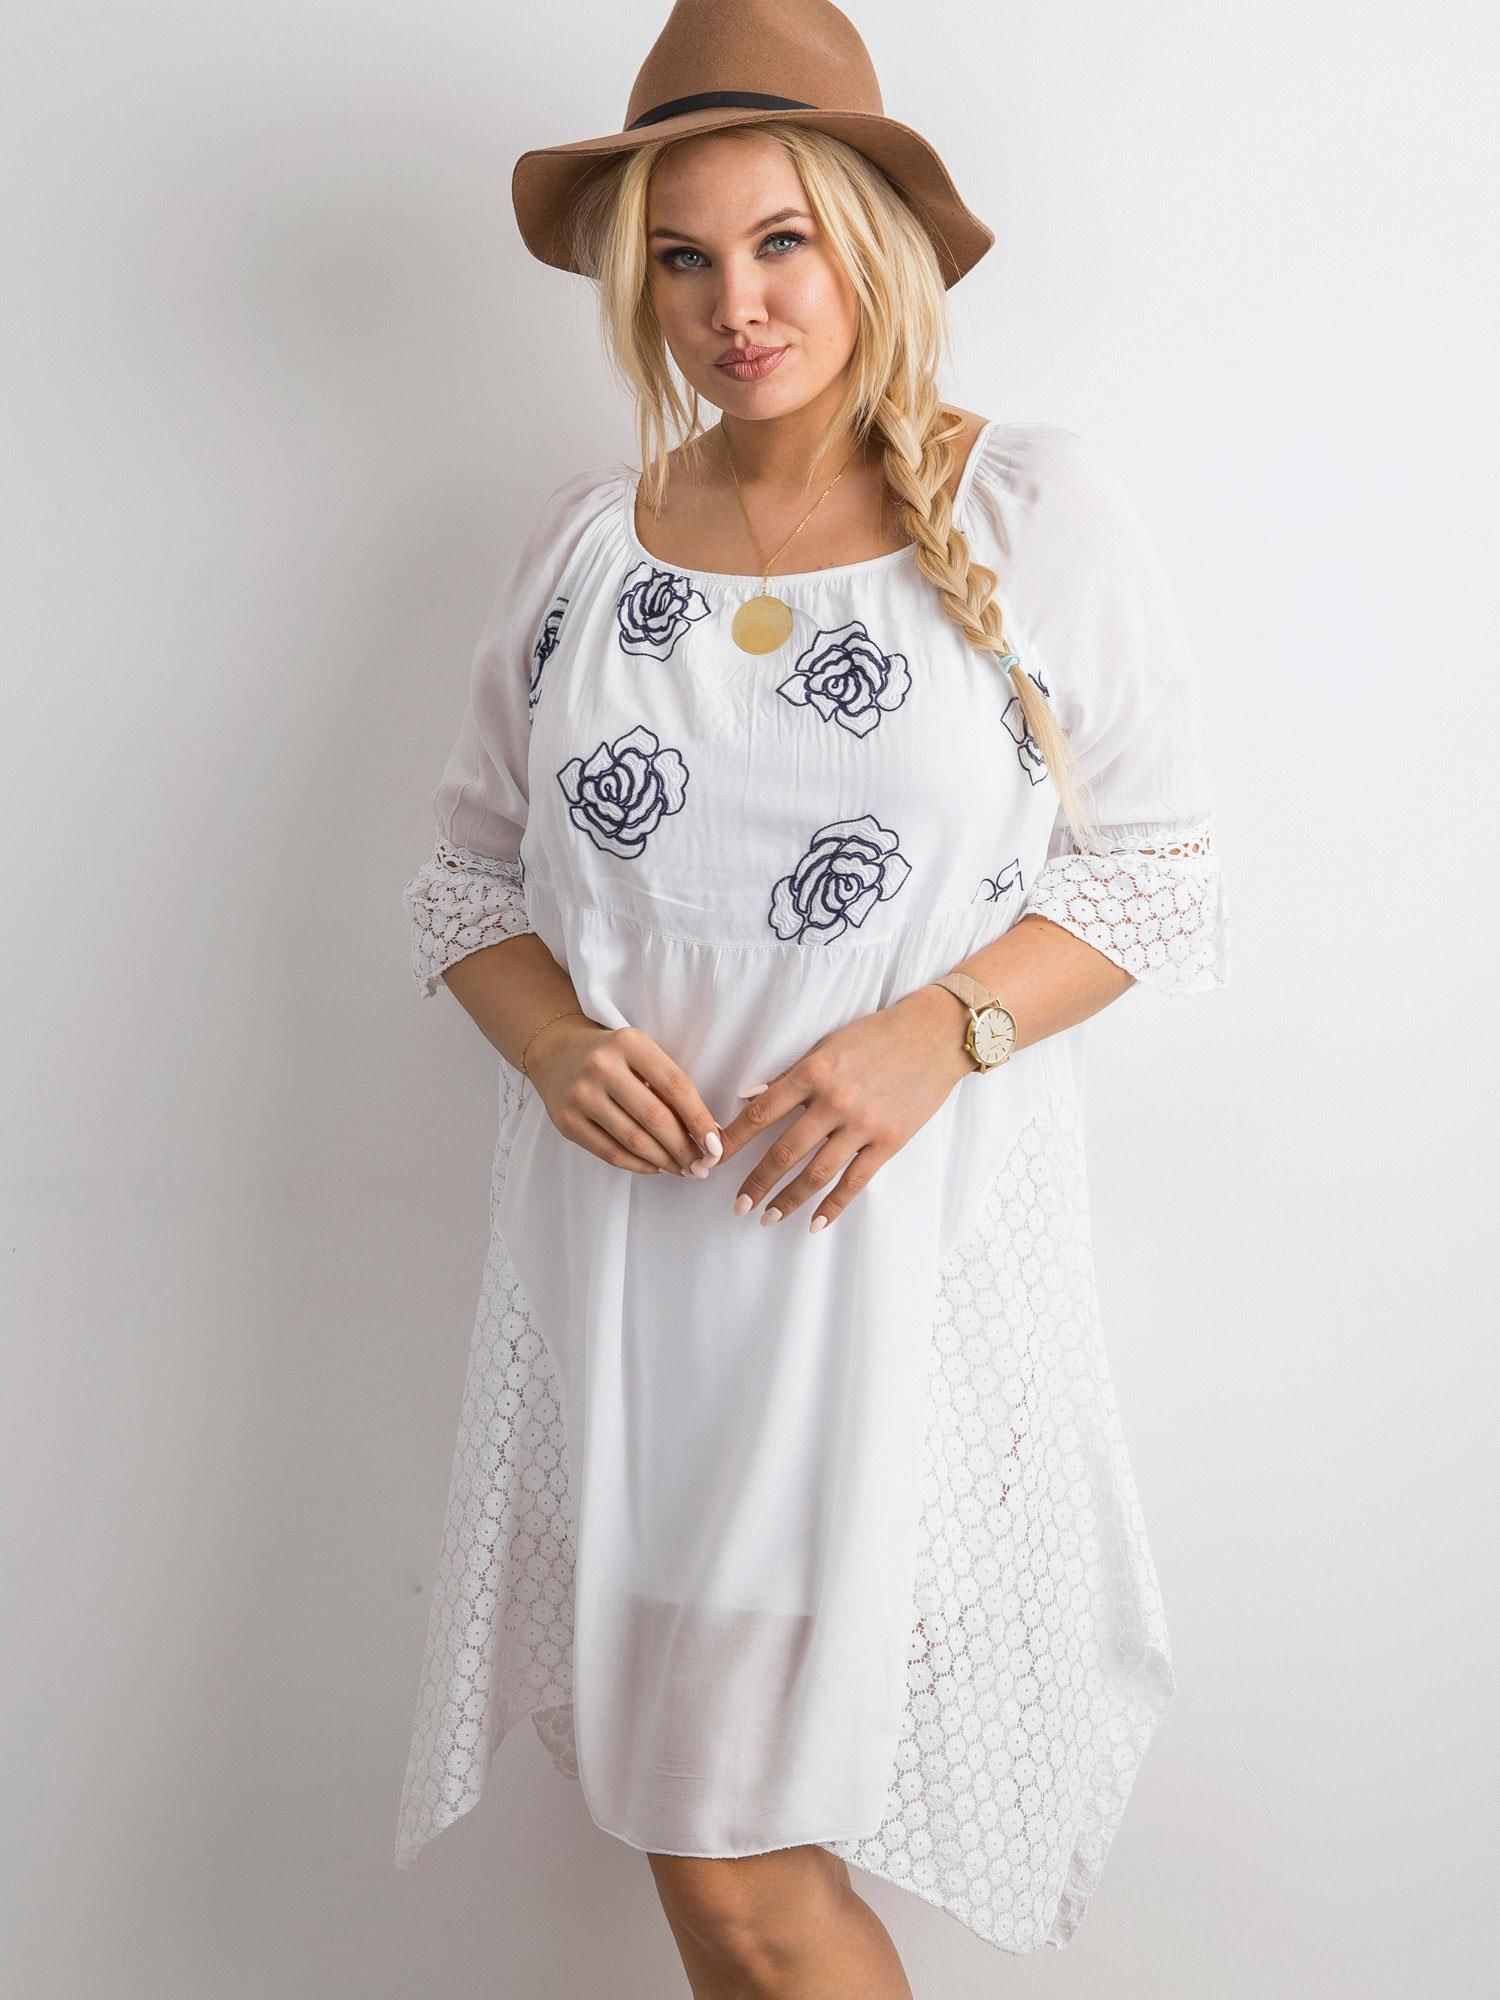 dc9acb09f572dd Biała zwiewna sukienka z kwiatowym haftem - Sukienka one size ...